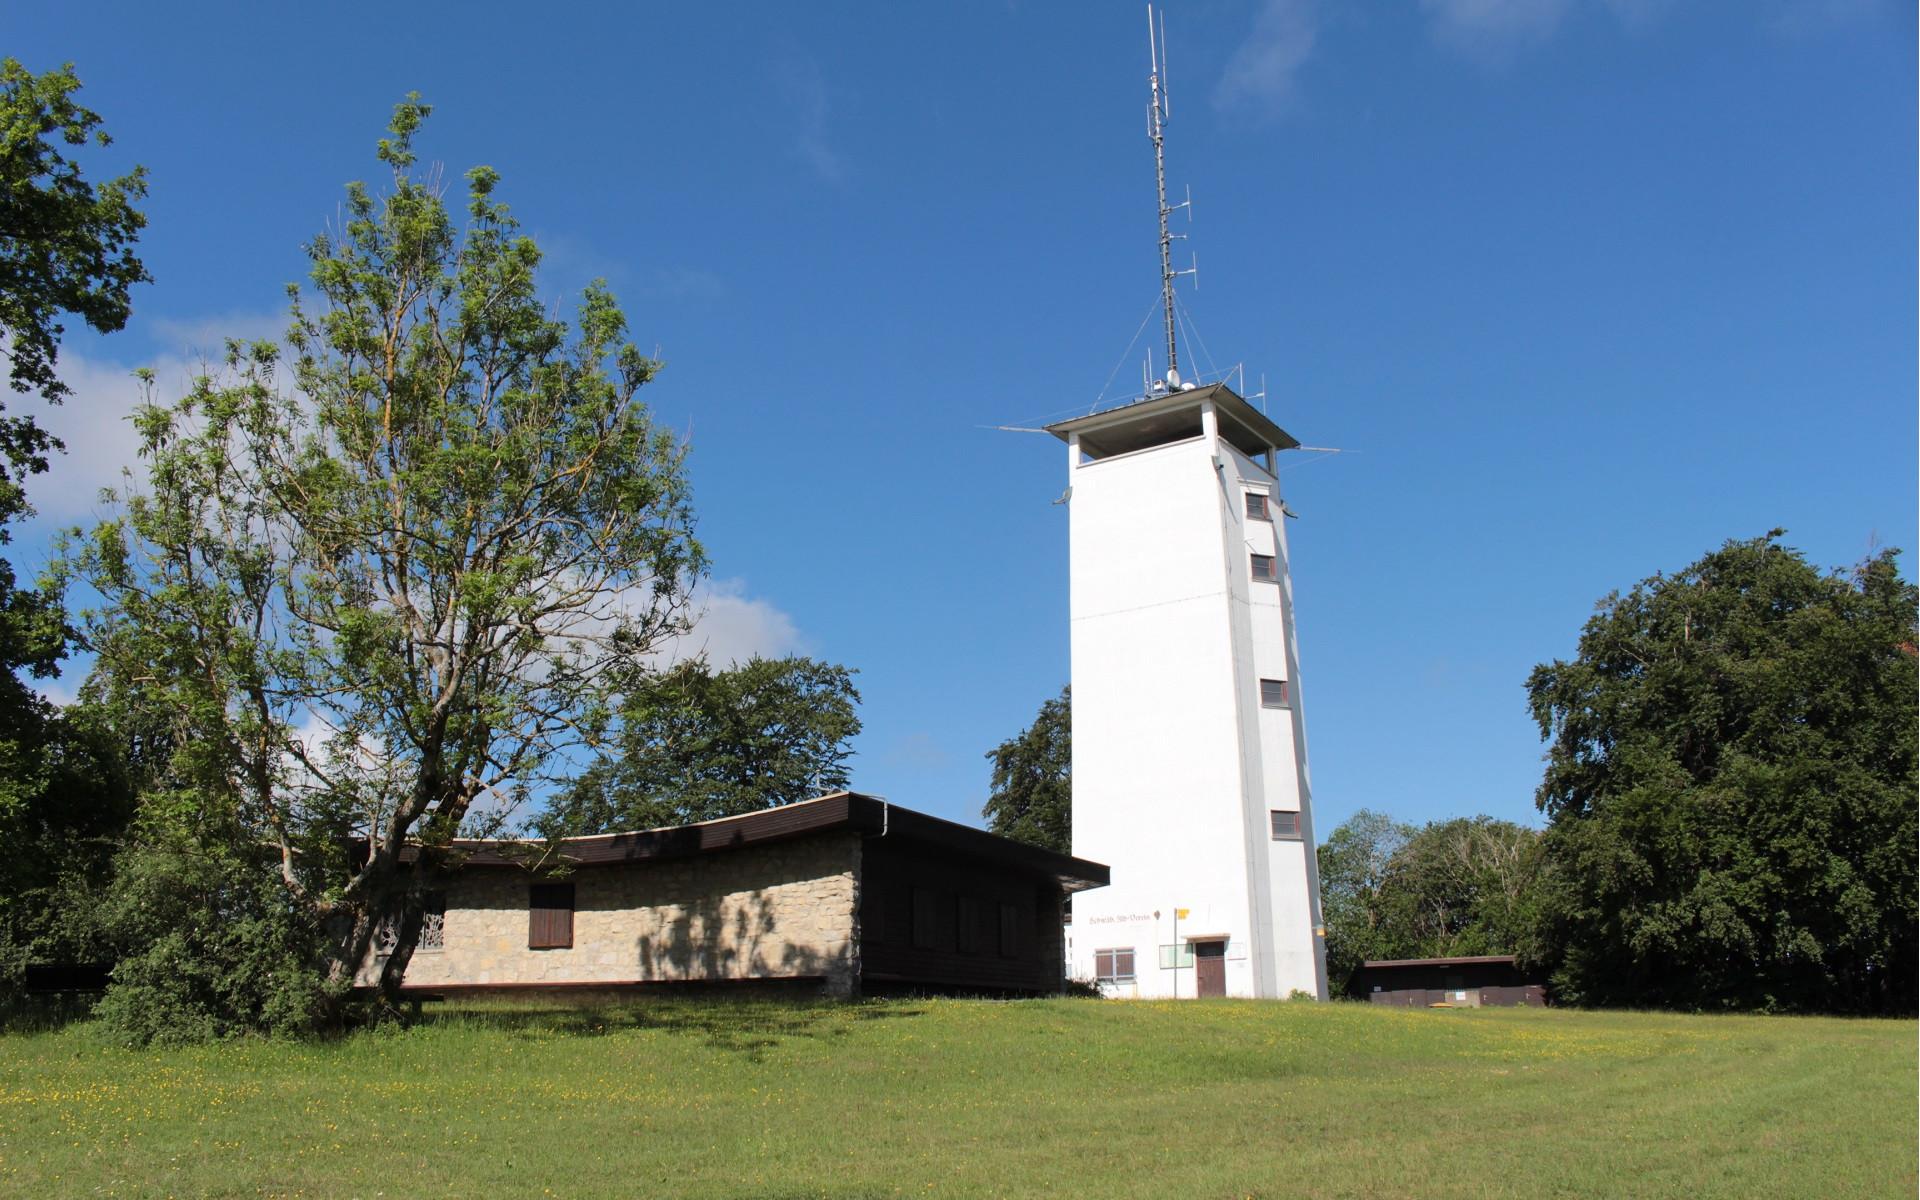 Auf dem Volkmarsberg steht ein weißer Turm mit Schutzhütte vor blauem Hintergrund.